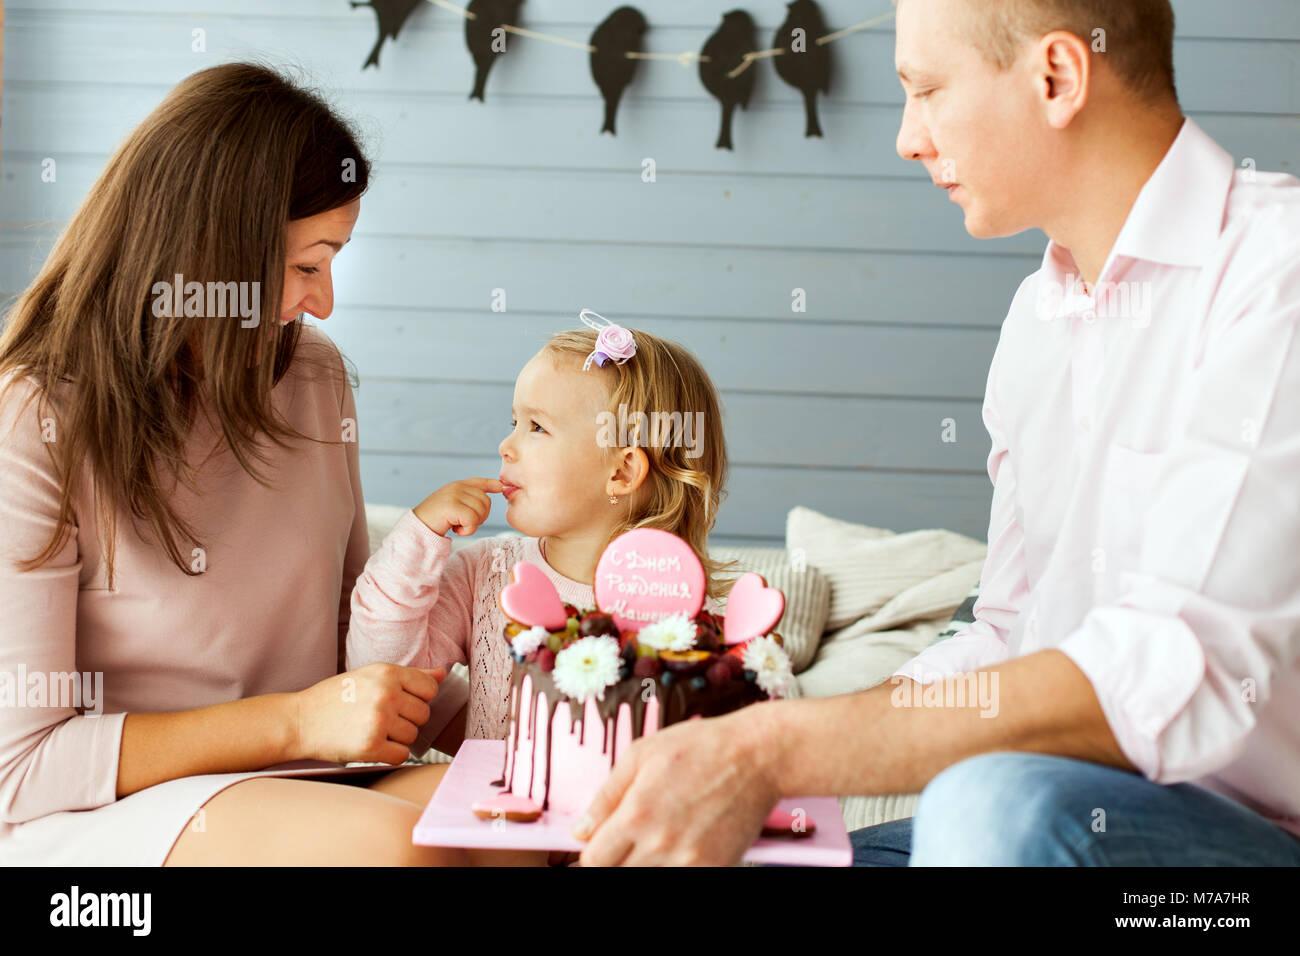 Les parents avec un peu jolie fille. Girl essaie le gâteau avec son doigt Photo Stock